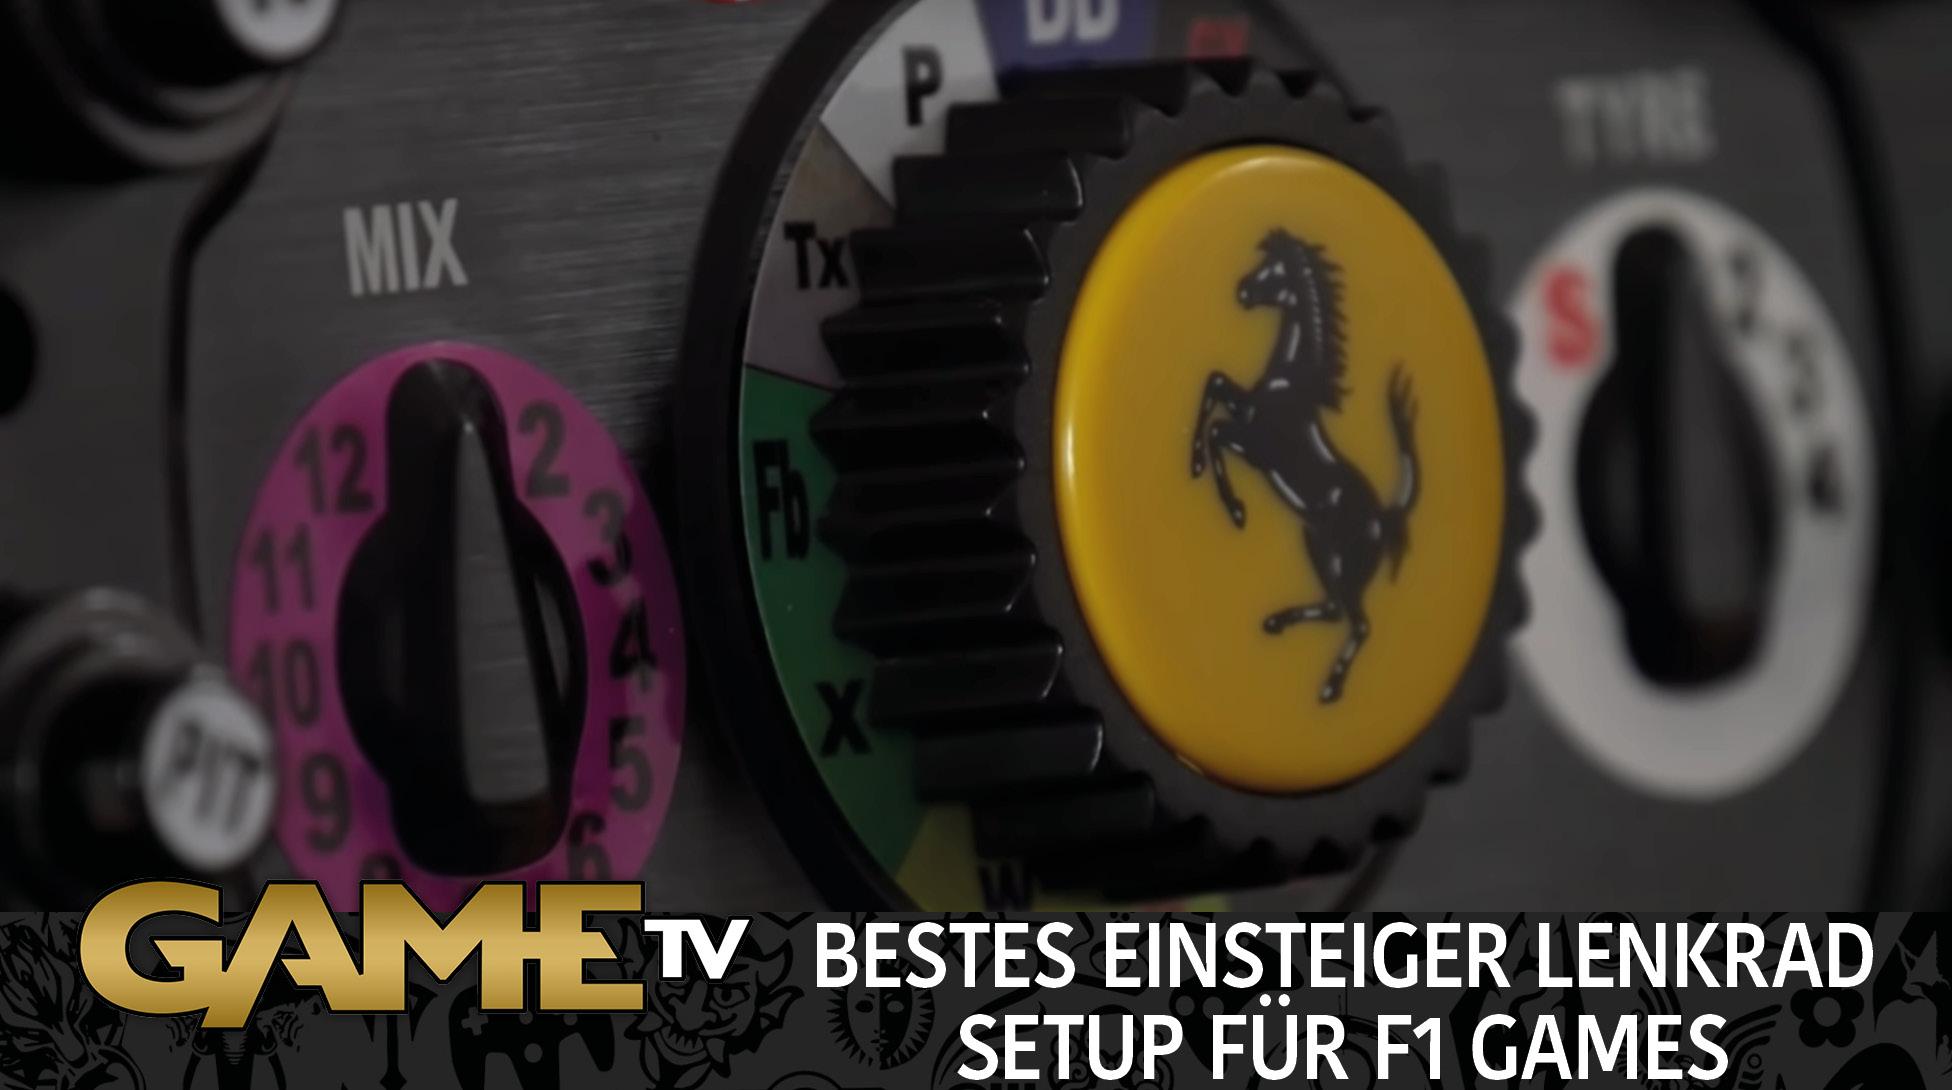 Game TV Schweiz - BESTES EINSTEIGER LENKRAD SETUP FÜR F1 GAMES!? | PS4 REVIEW Deutsch/German